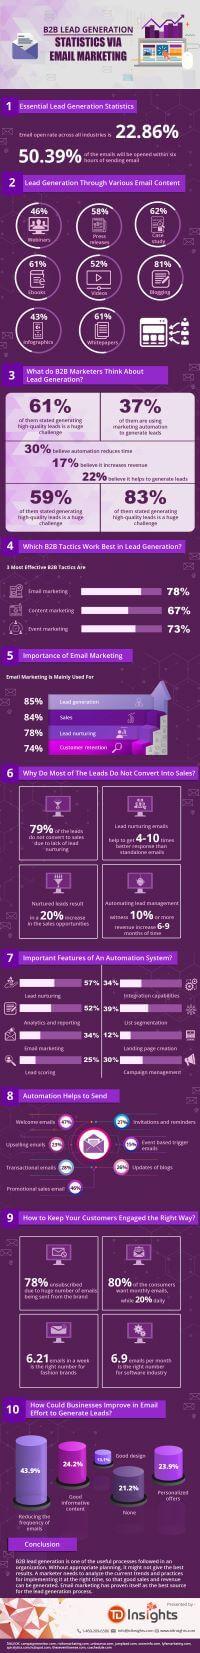 10 B2B Lead Generation Statistics via Email Marketing